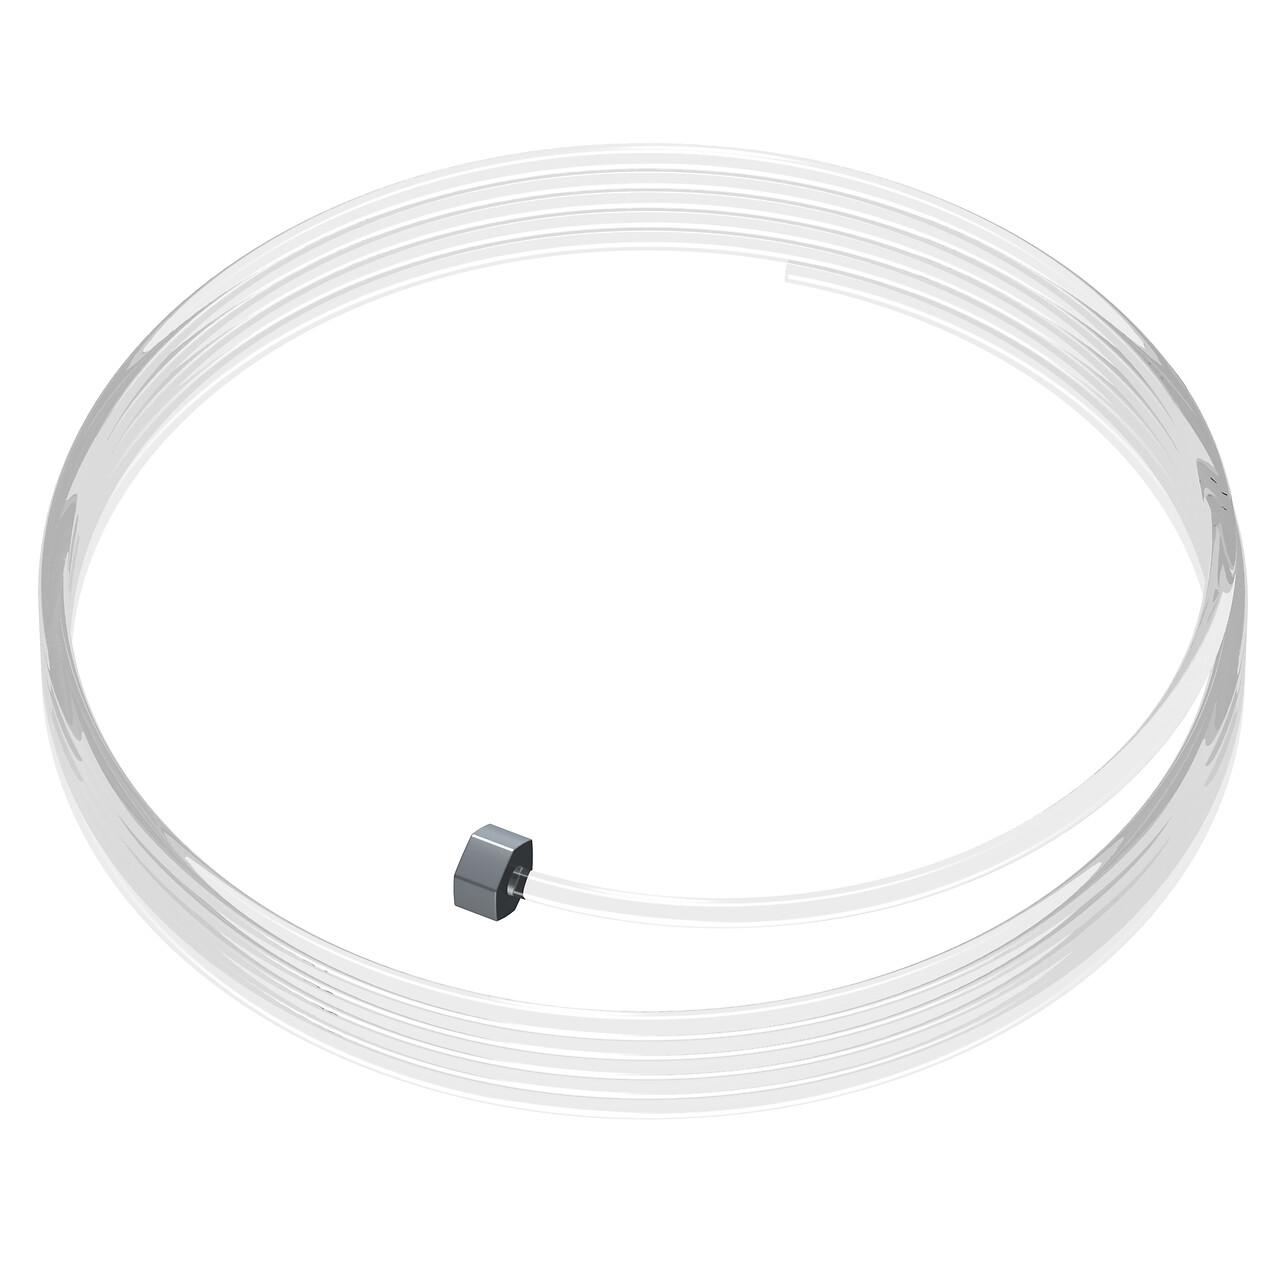 Lot de 10 câbles perlon Slider - Câble transparent pour accrochage et affichage suspendu